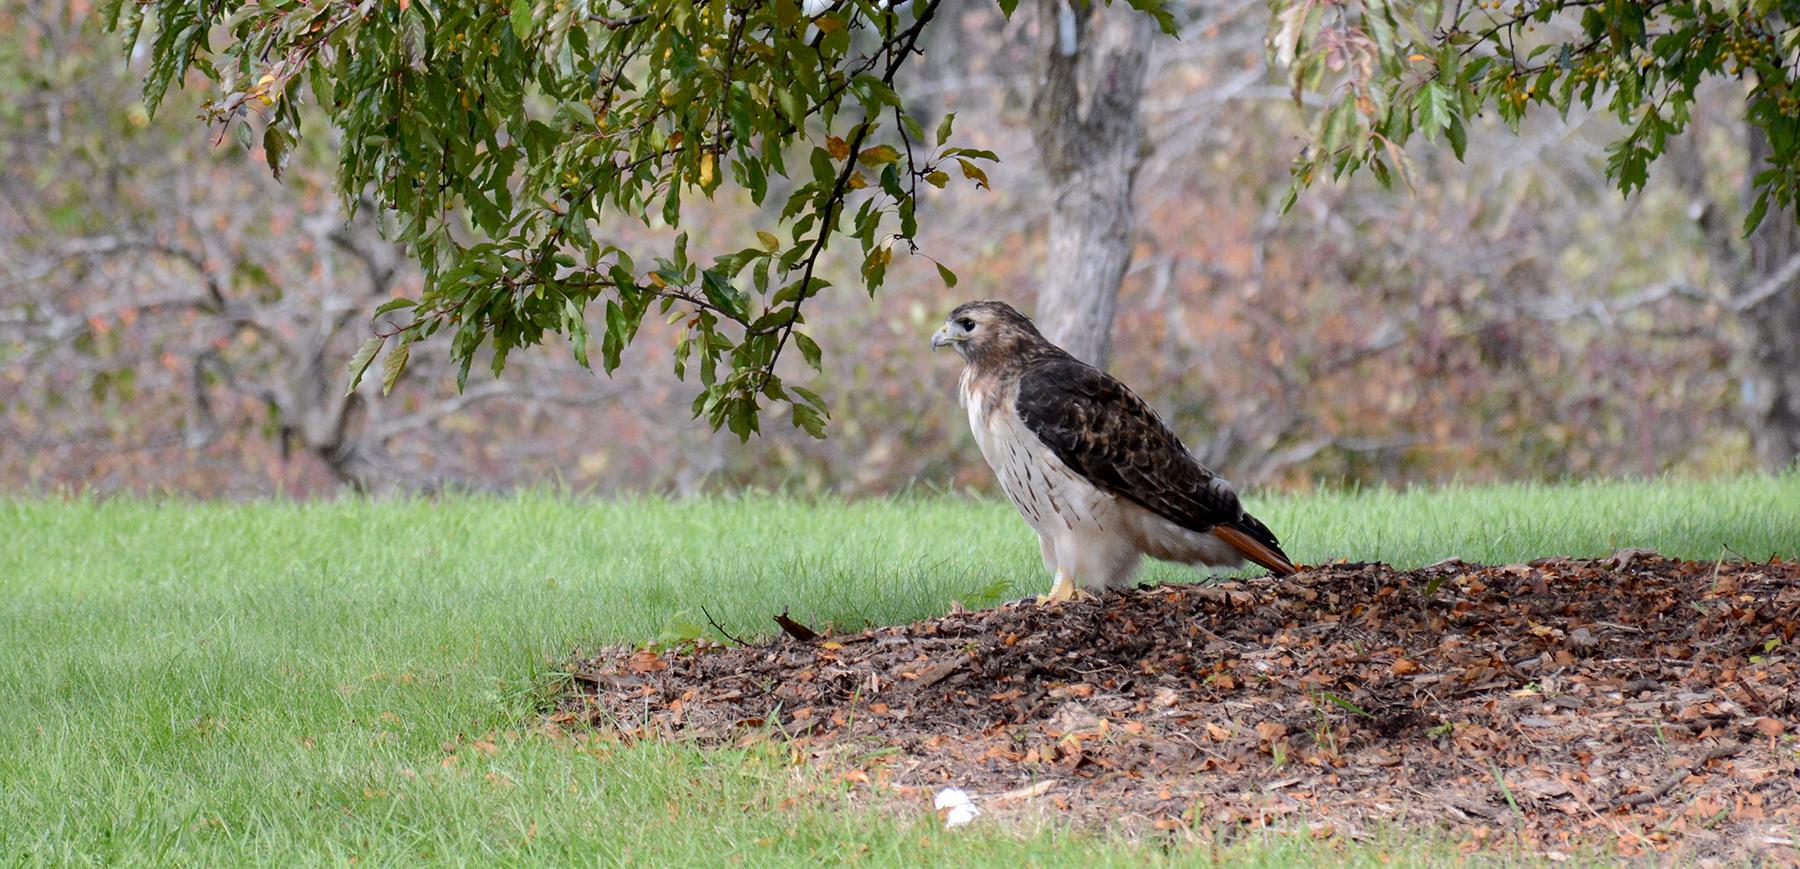 Arboretum –Hawk Rescue